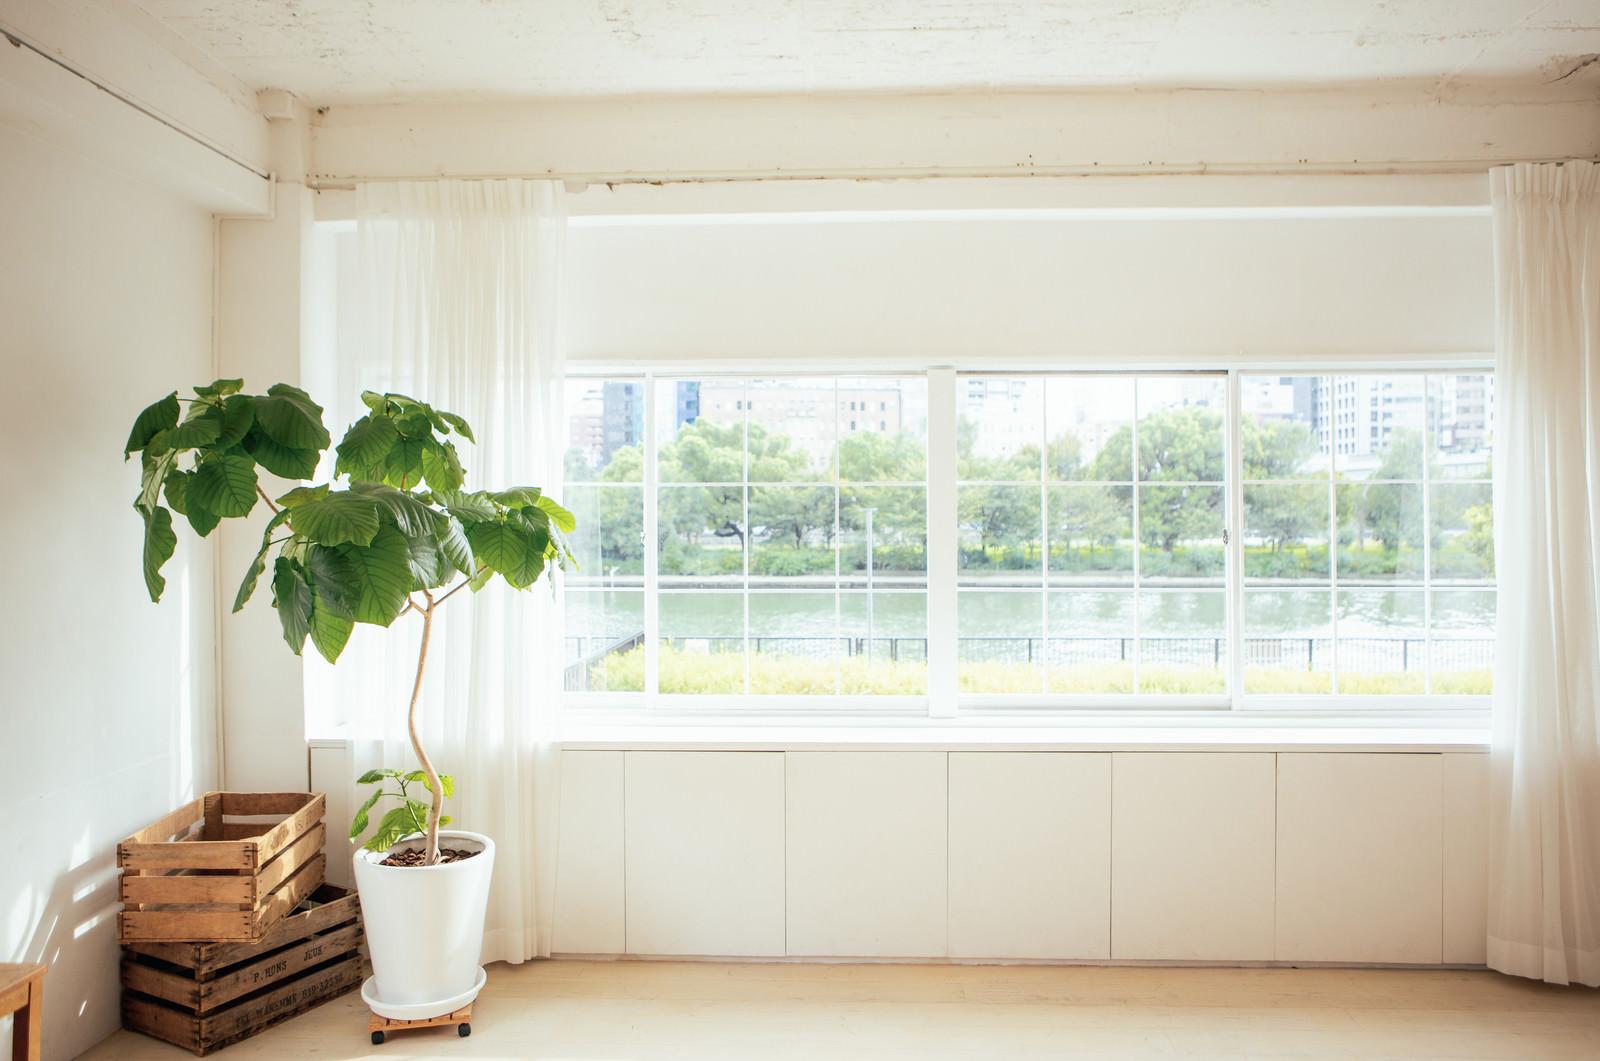 「窓から見える風景と観葉植物」の写真